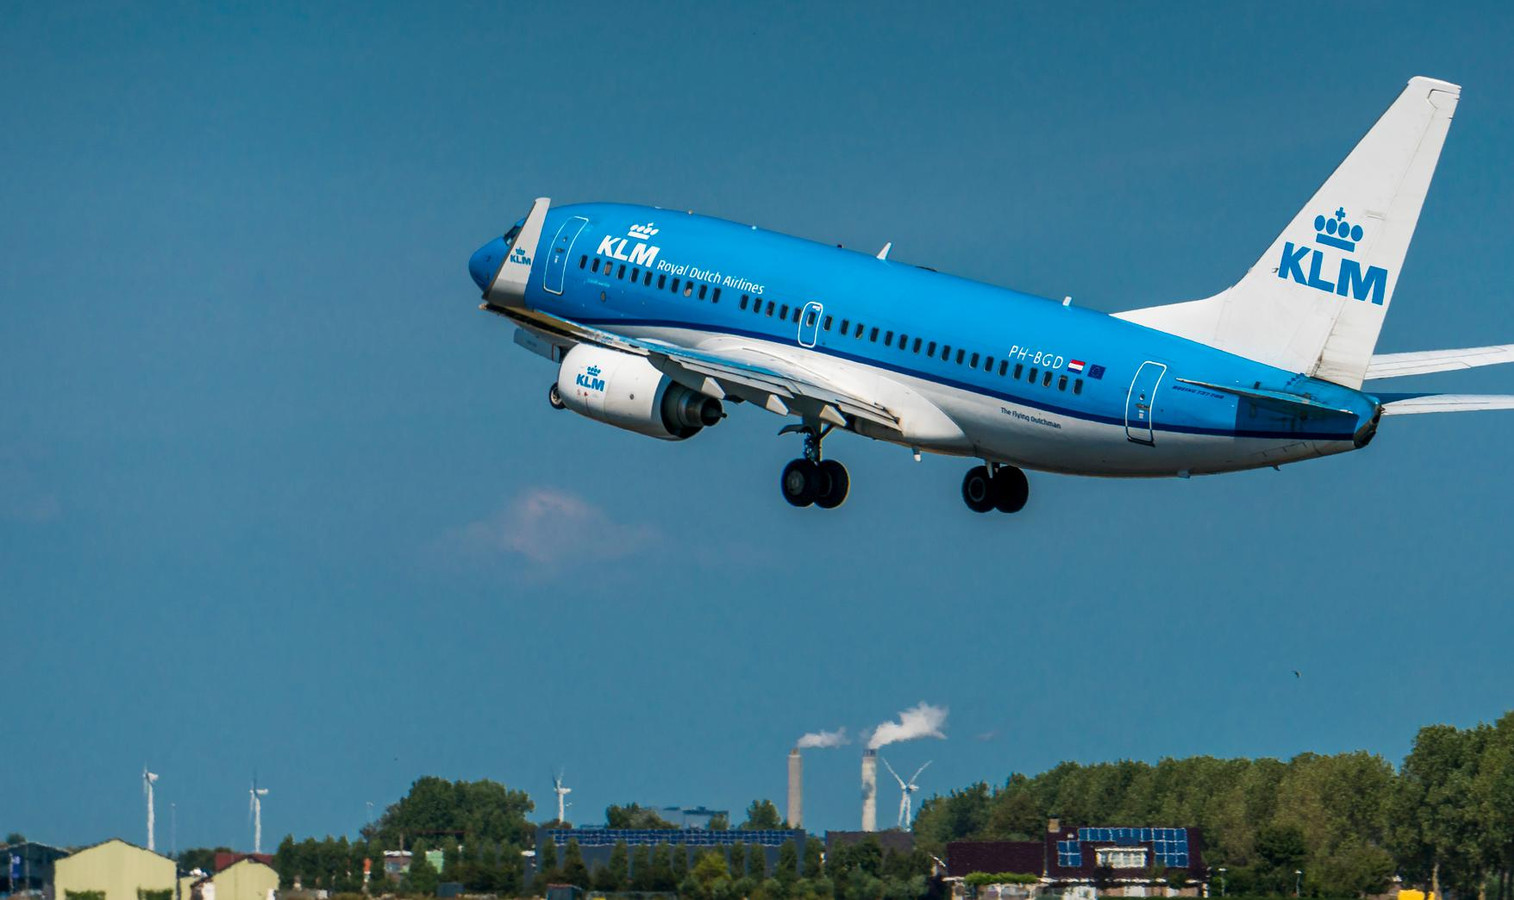 In een brandbrief van KLM-topmanagers spreken ze hun zorgen uit over recente ontwikkelingen.